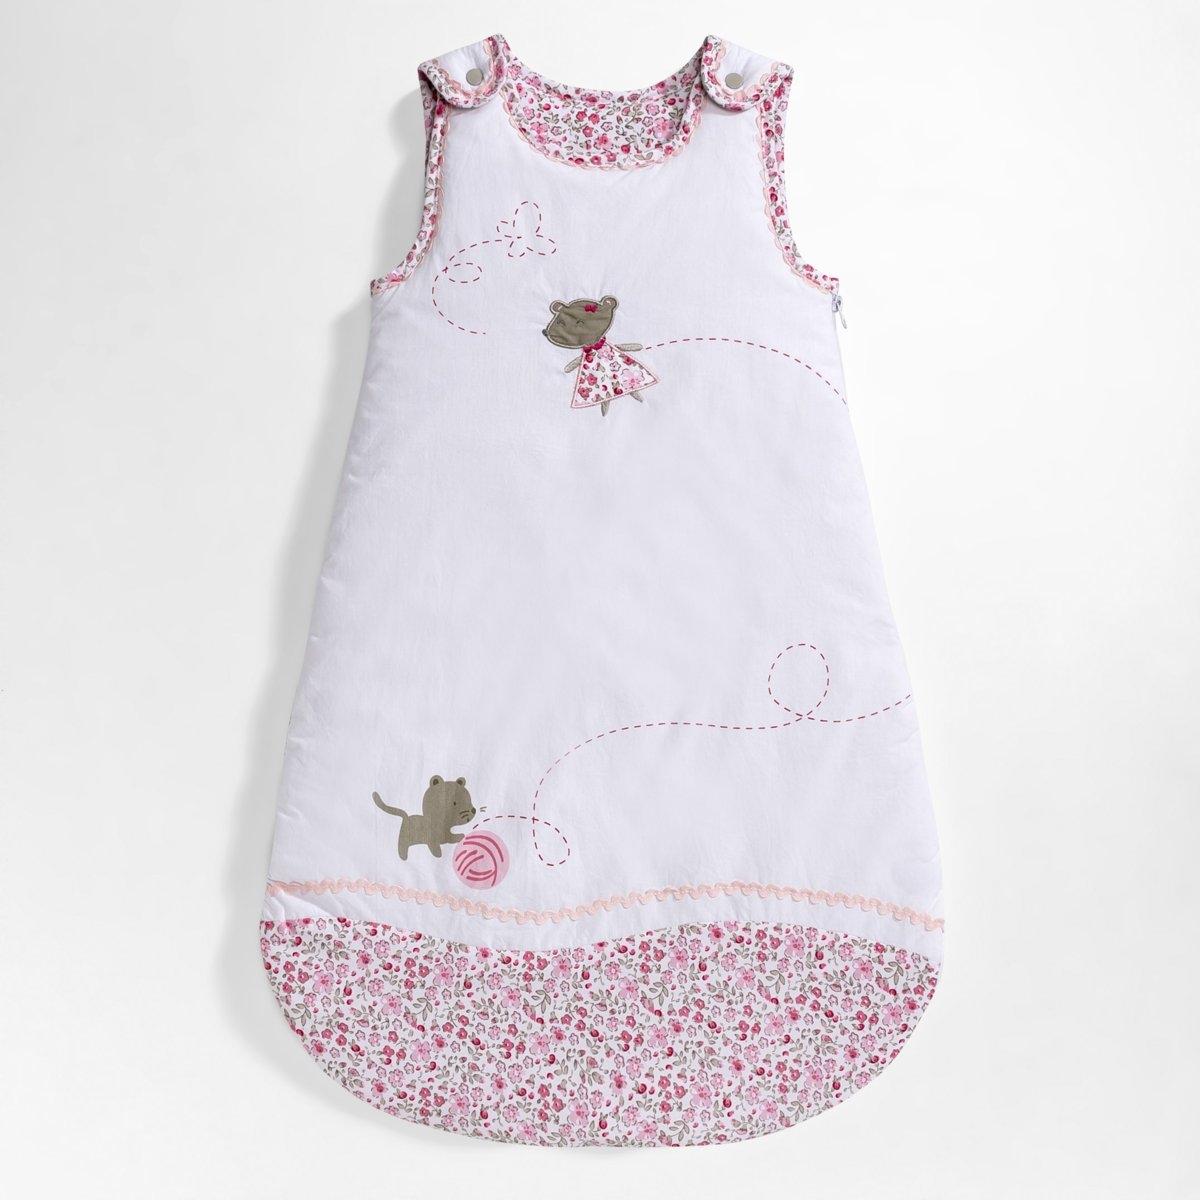 R mini Конверт теплый для новорожденного с цветочным рисунком из перкали, 100% хлопок